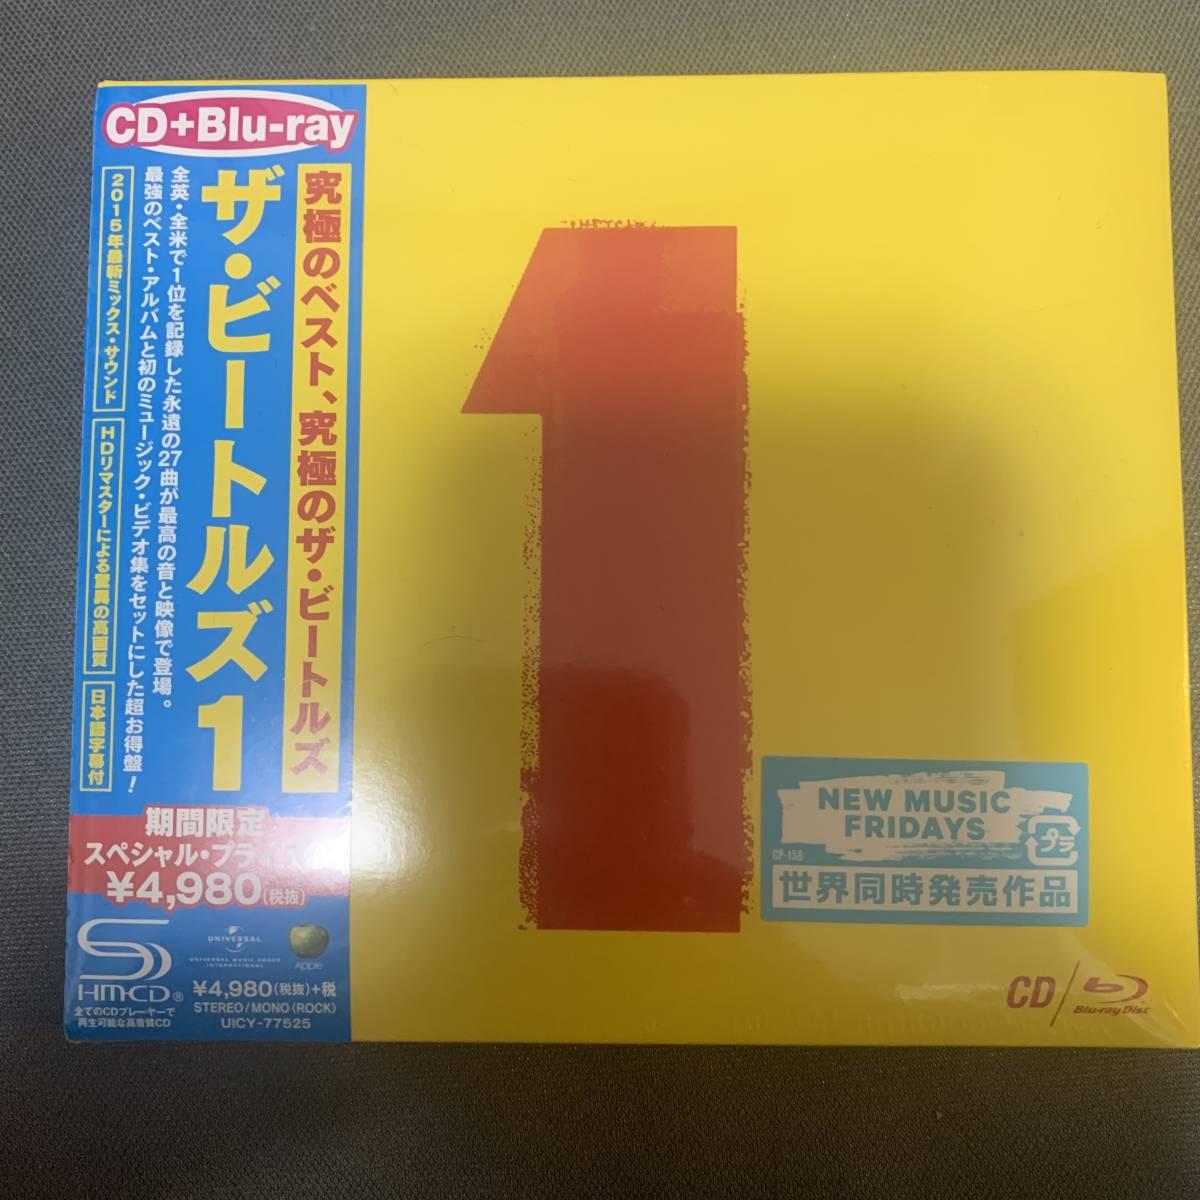 ザ・ビートルズ1 CD+Blu-ray 新品未開封